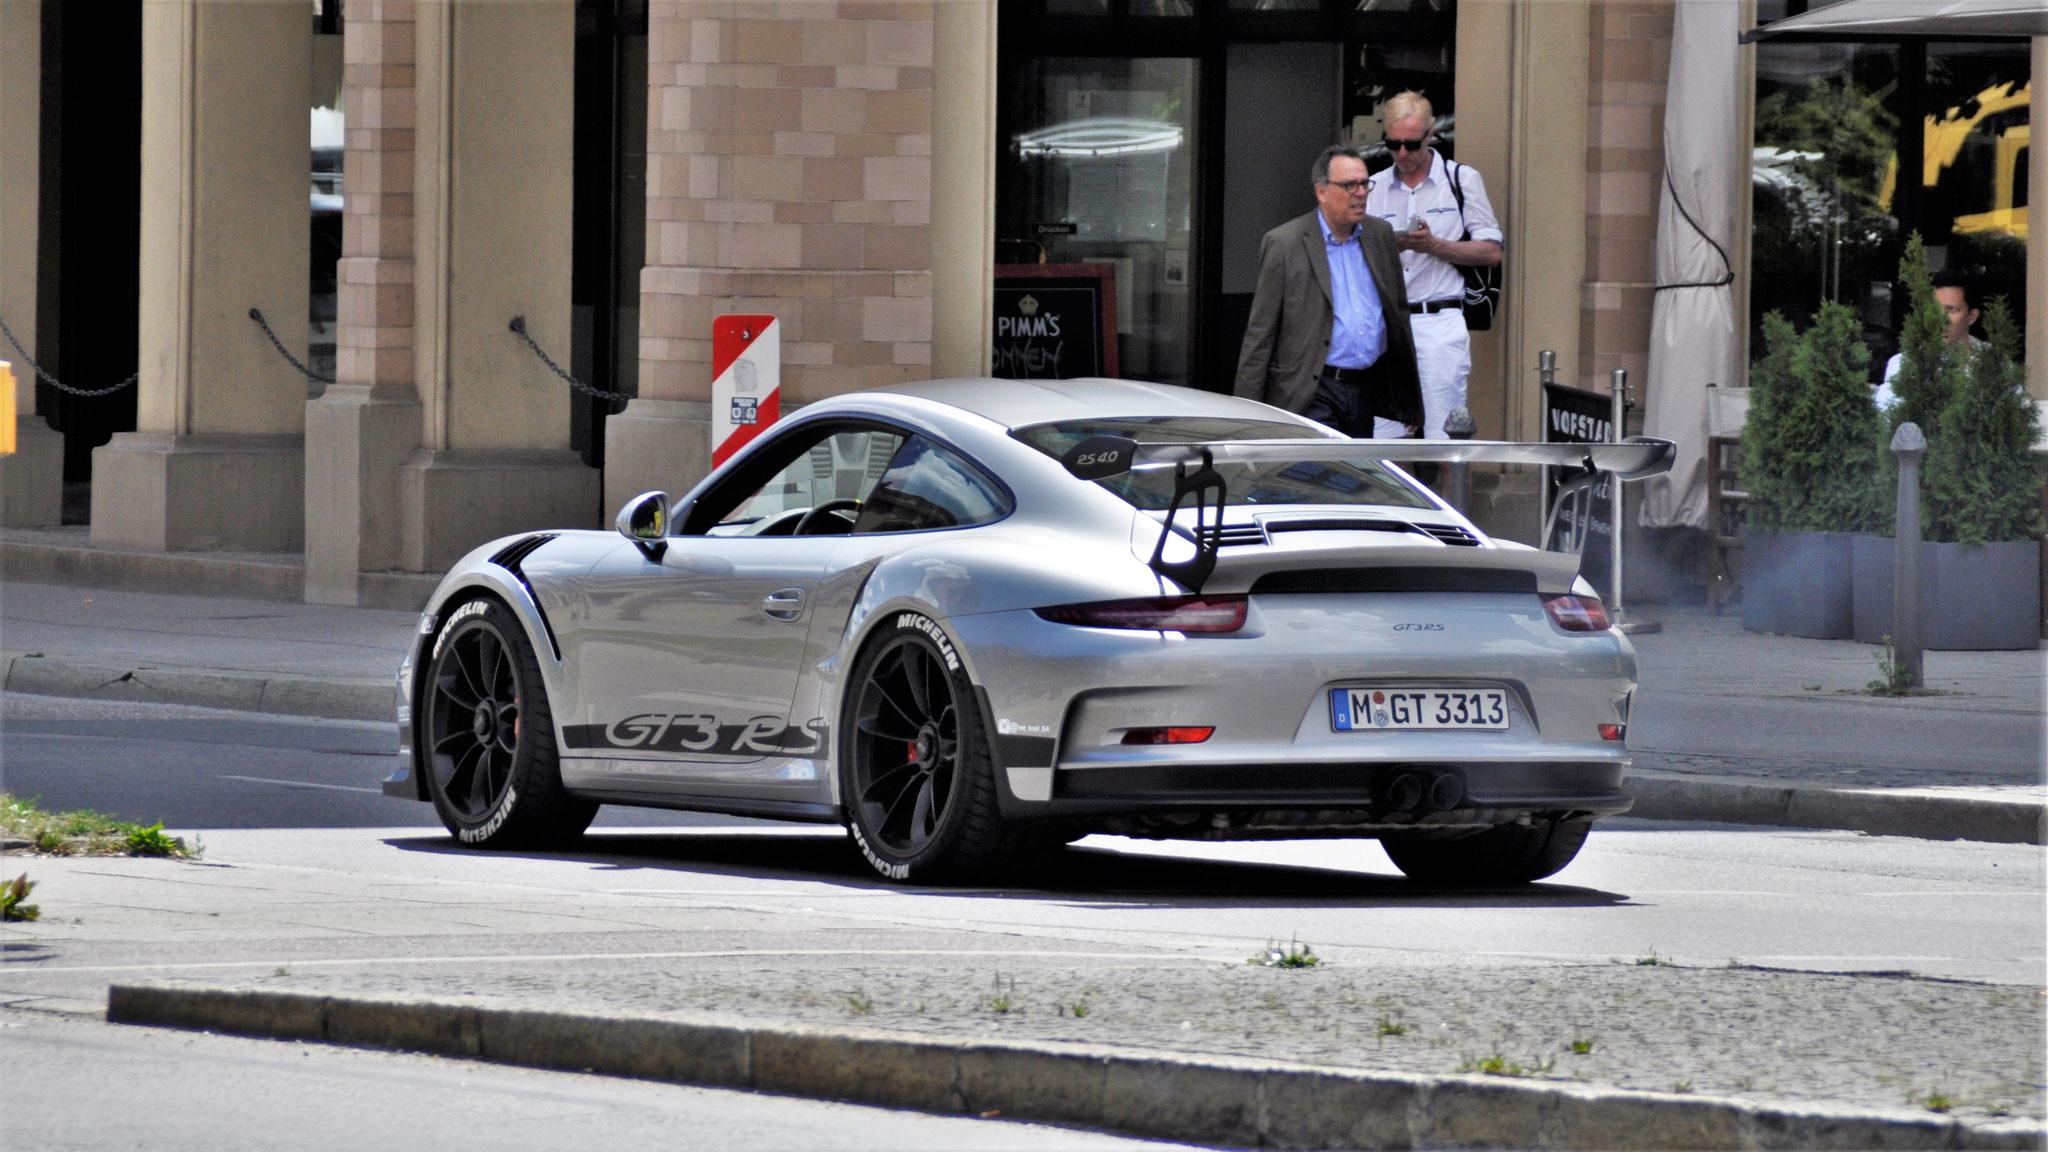 Porsche 911 GT3 RS - M-GT-3313